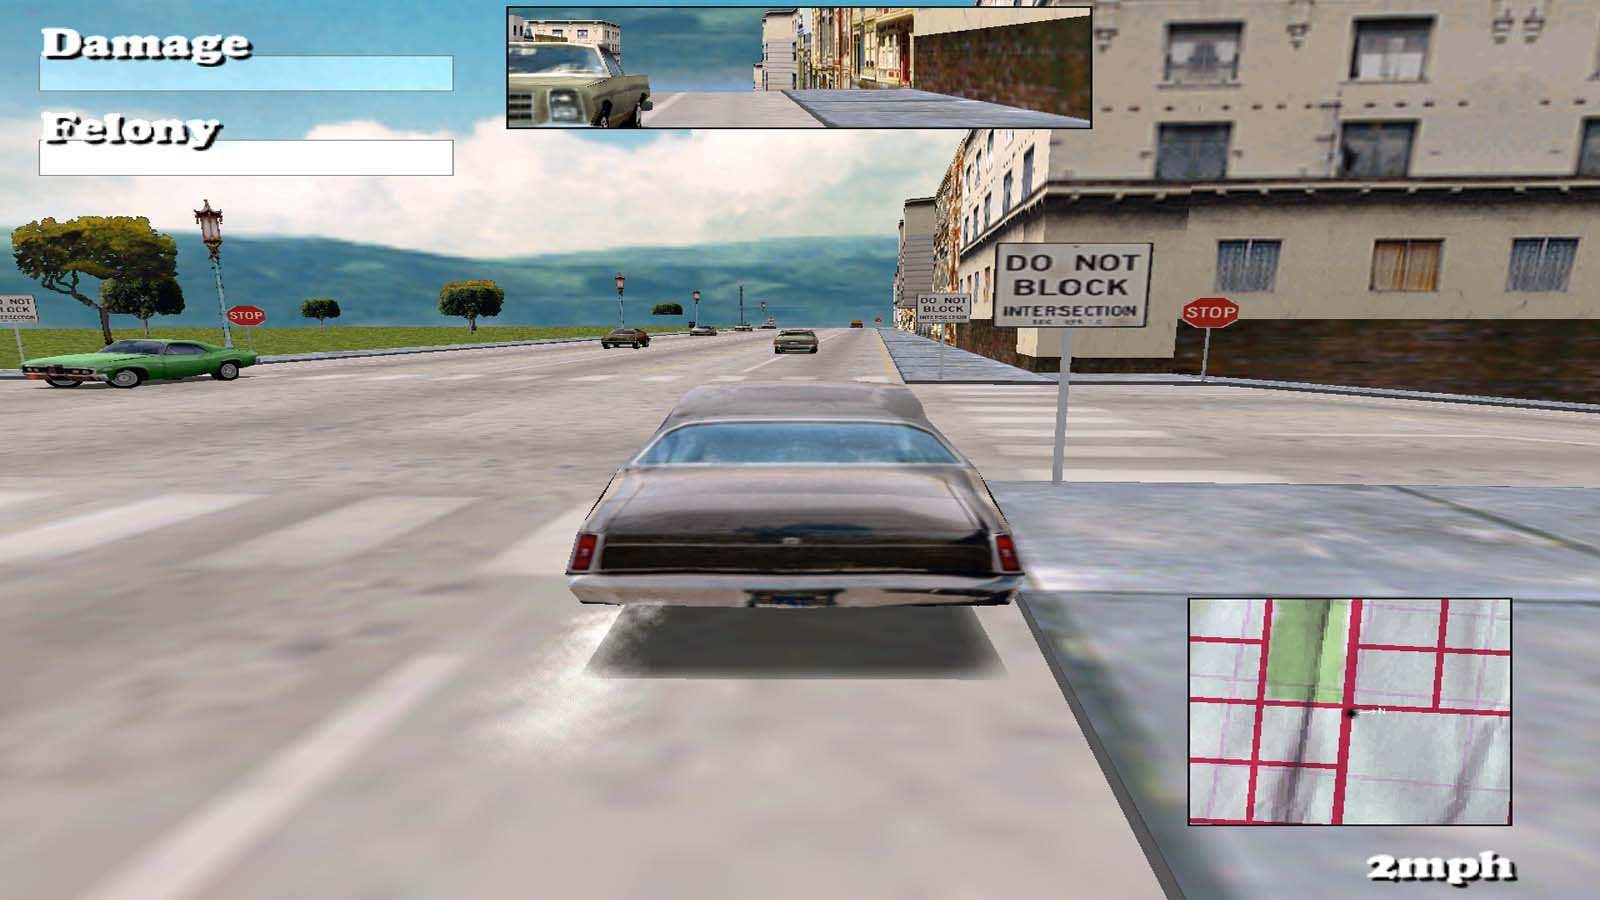 تحميل لعبة Driver مضغوطة برابط واحد مباشر + تورنت كاملة مجانا